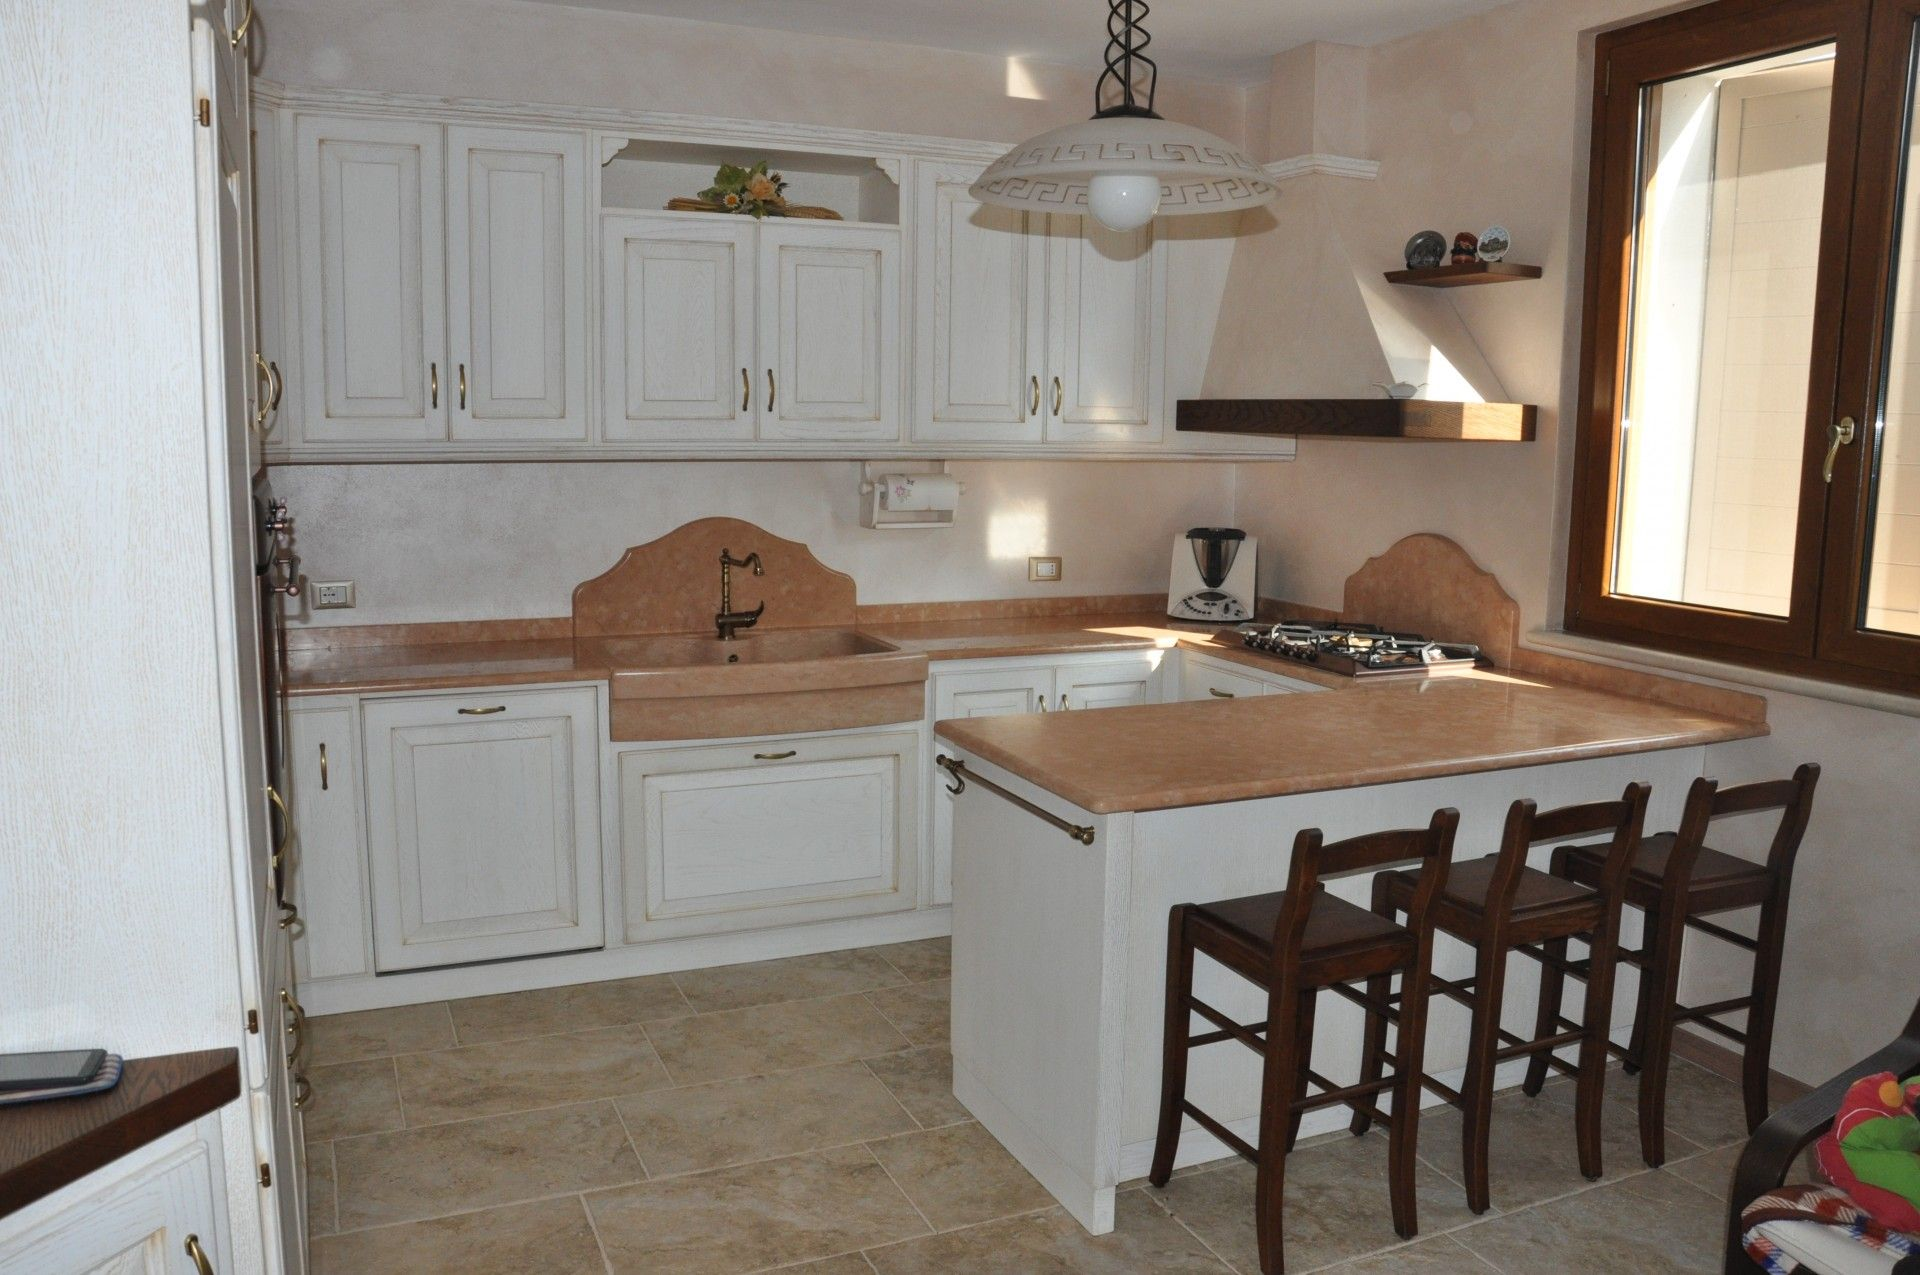 Mobili per cucina country le cucine in stile country ikea propongono soluzioni che permettono di avere la comodità della. Pin Su Case